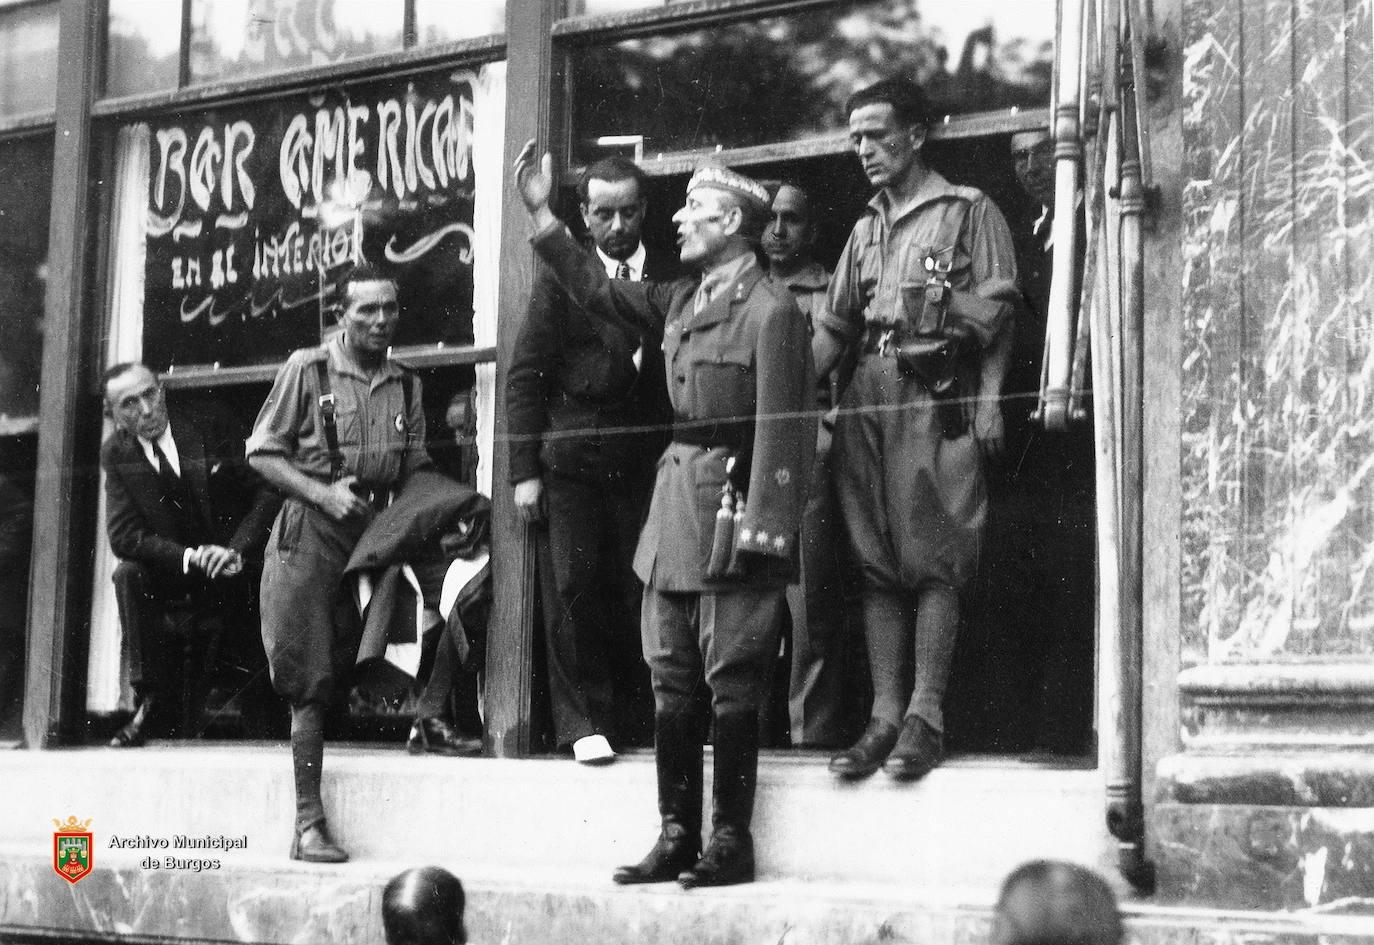 José Millán-Astray, fundador de la Legión y de Radio Nacional España, en una de las fotos de González Manero. /González Manero